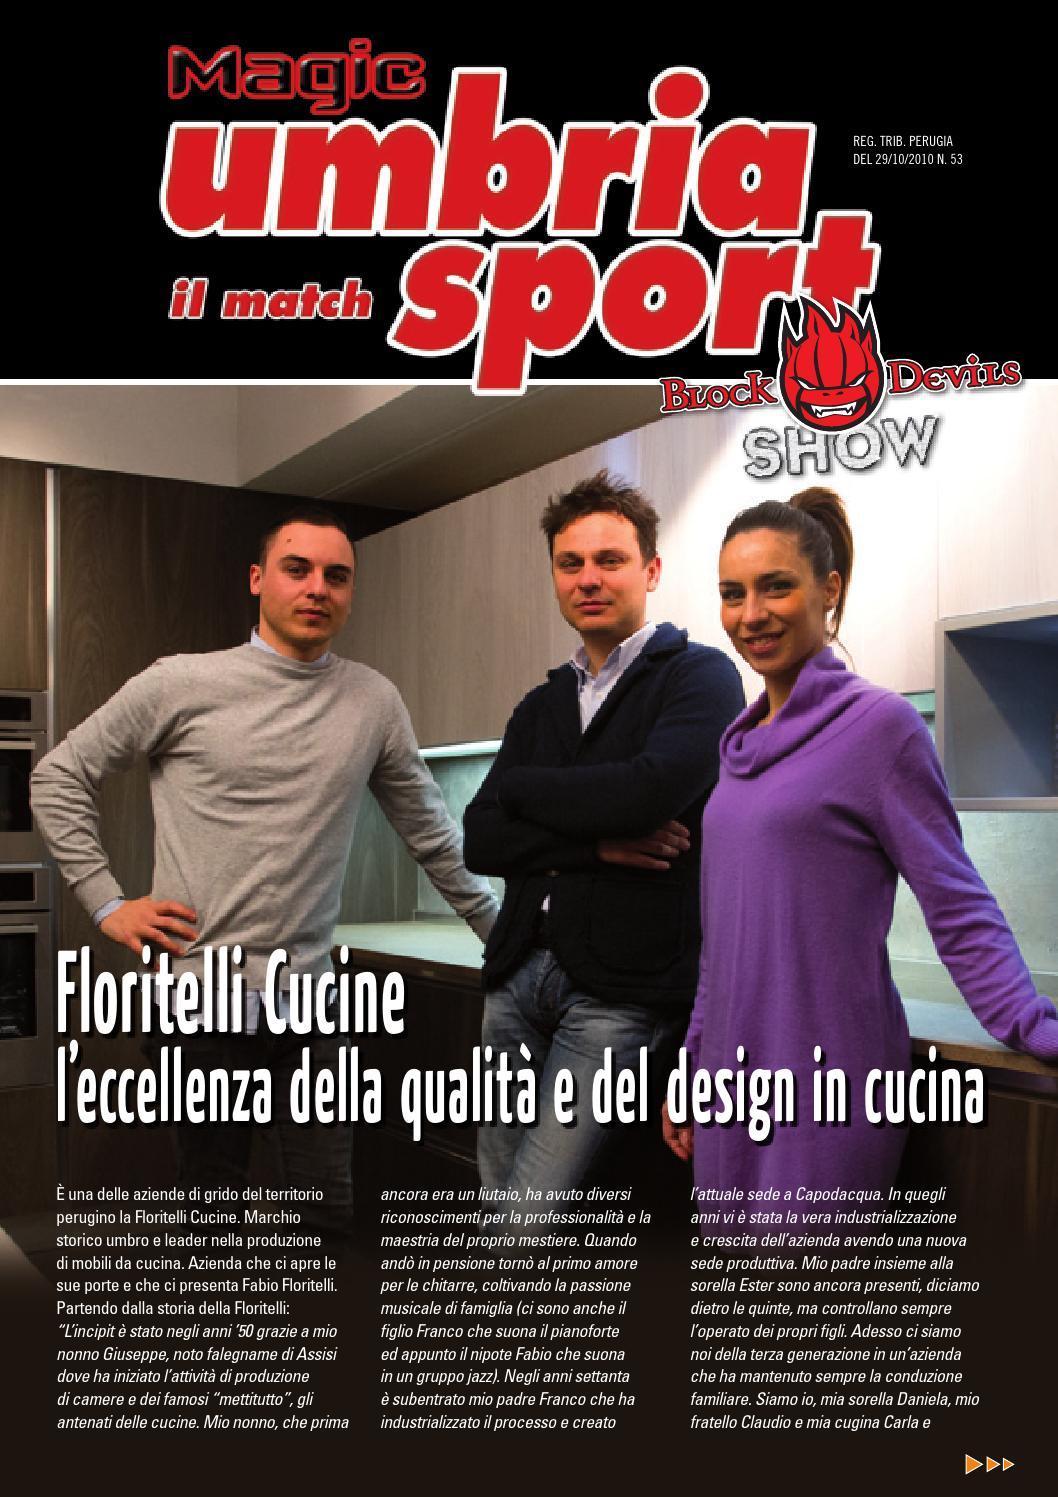 Magic umbria sport il match 13 by sir safety perugia issuu - Floritelli cucine perugia ...